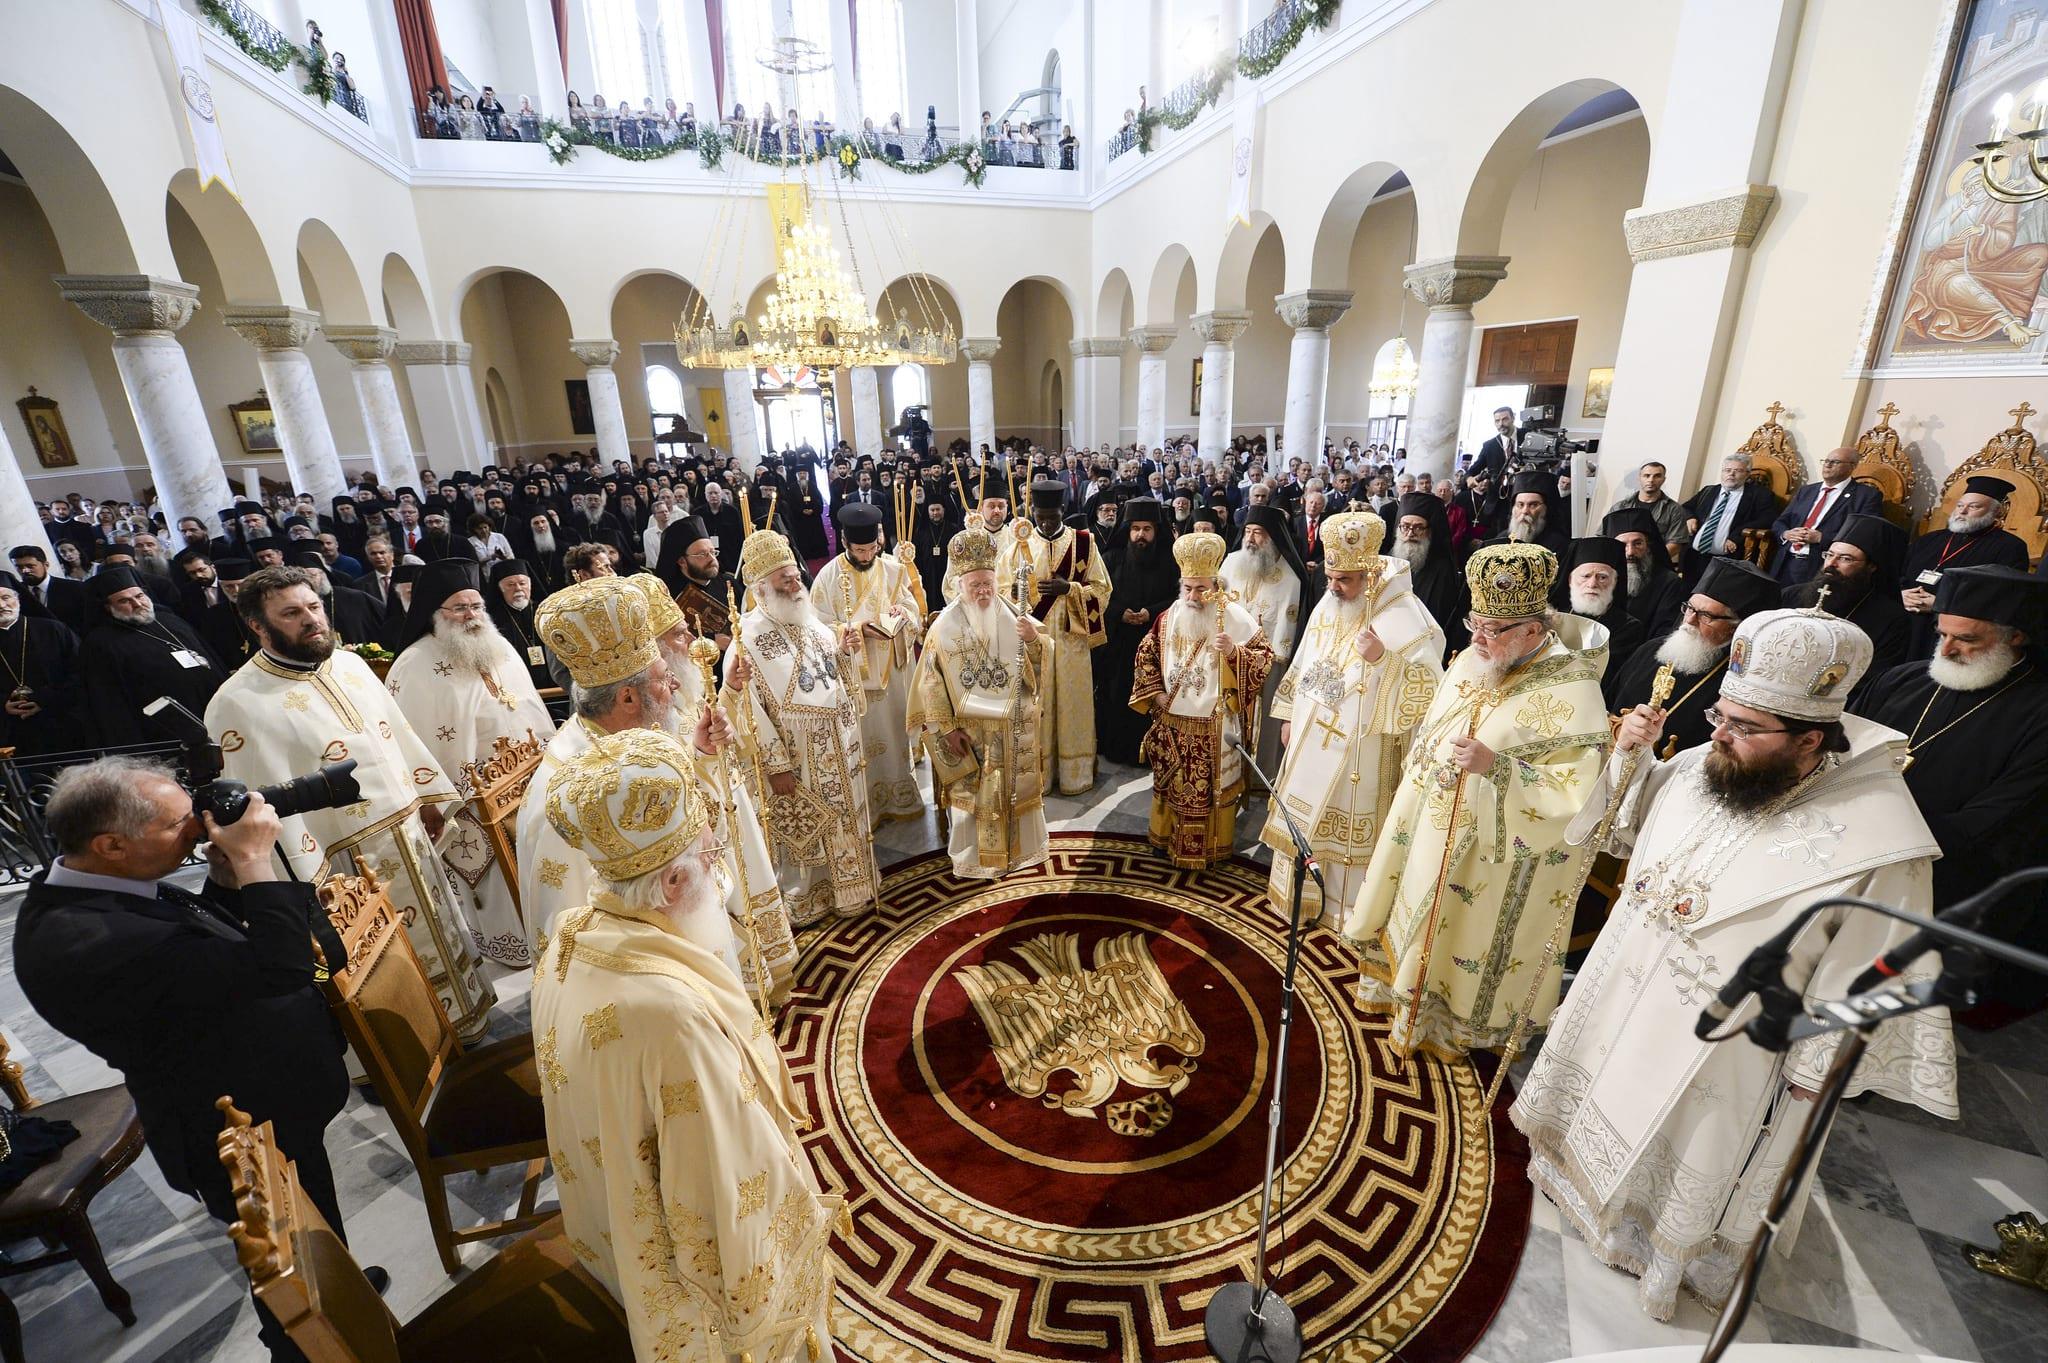 Πατριαρχική & Συνοδική Θεία Λειτουργία επί τη Λήξη των εργασιών της Μεγάλης Συνοδου